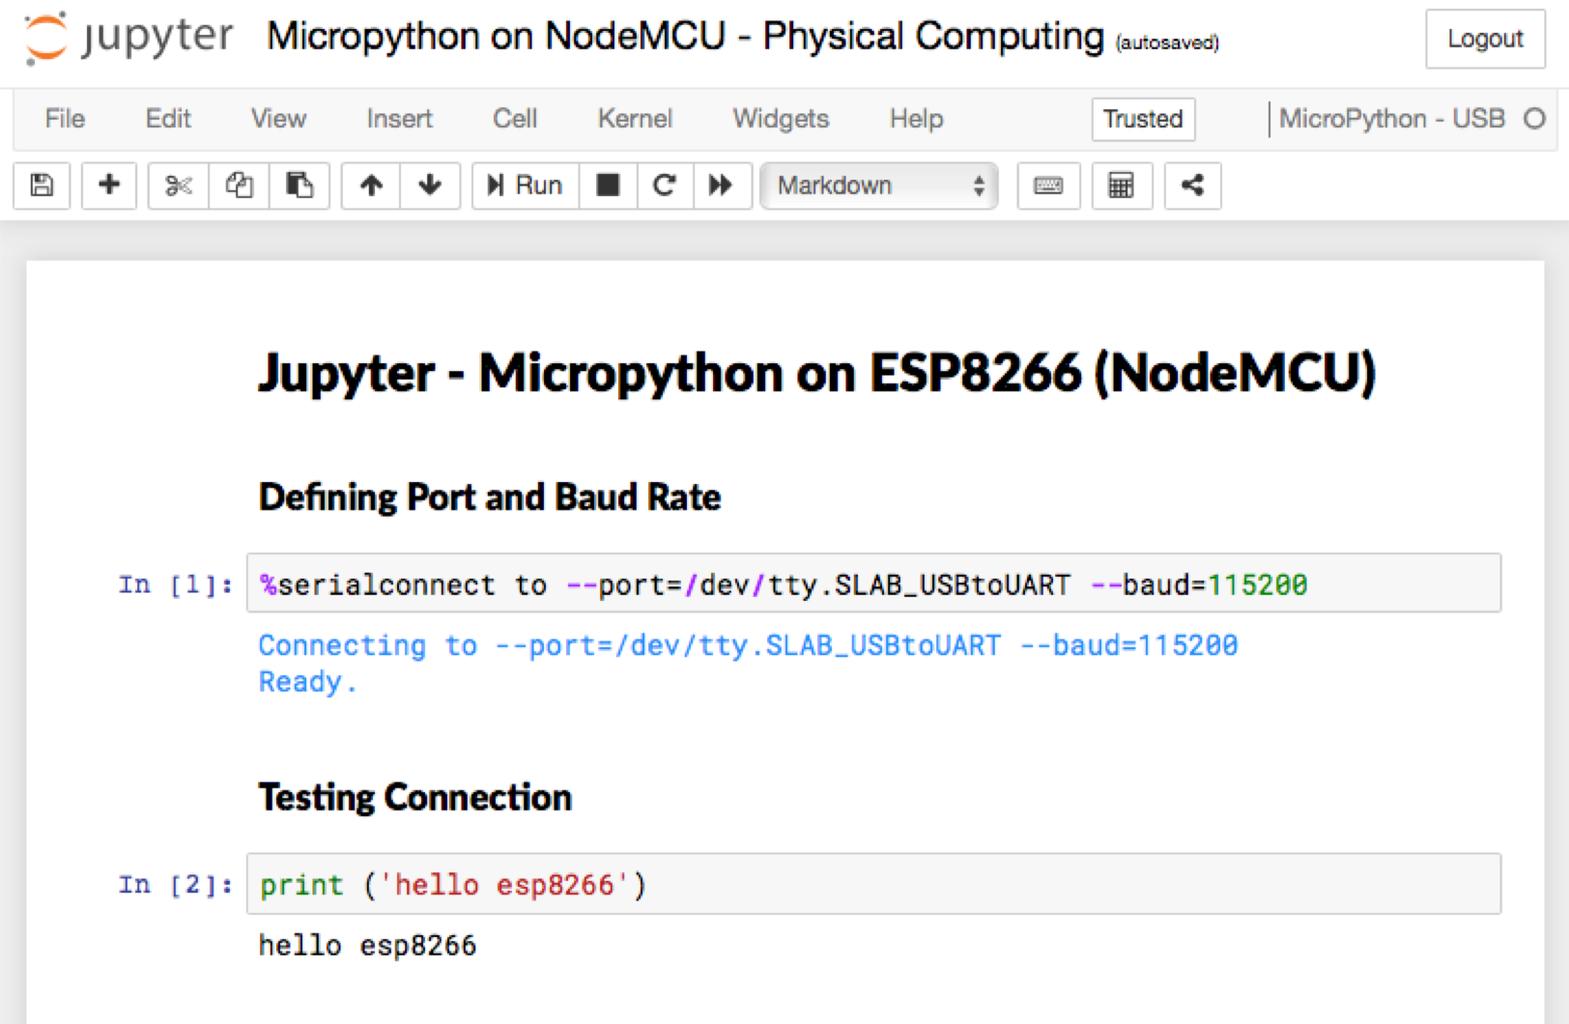 Installing Jupyter MicroPython Kernel